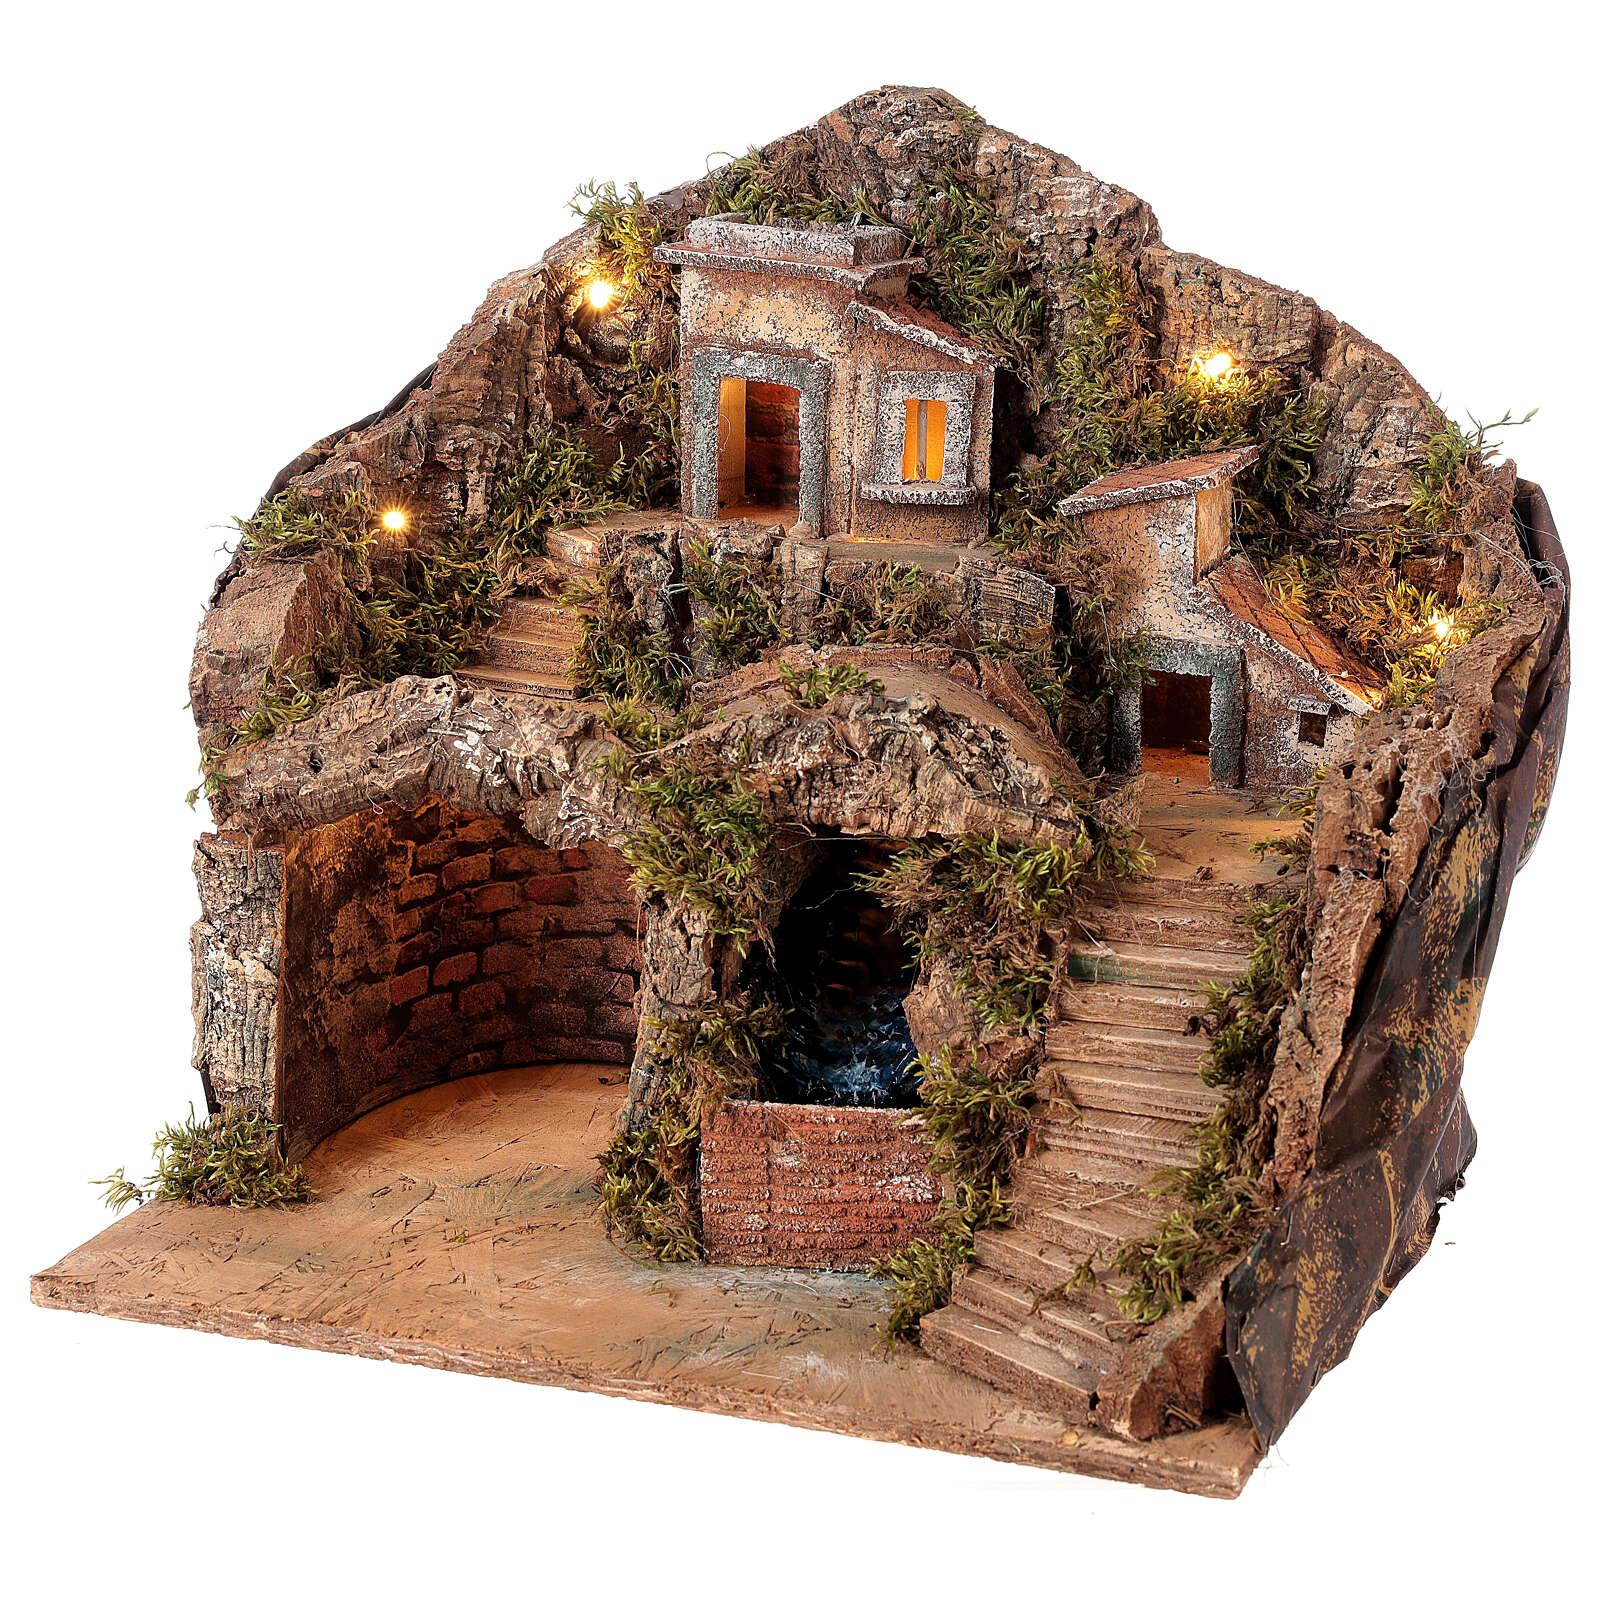 Borgo presepe napoletano con ruscello 40x30x40 cm per statuine 8-10 cm 4